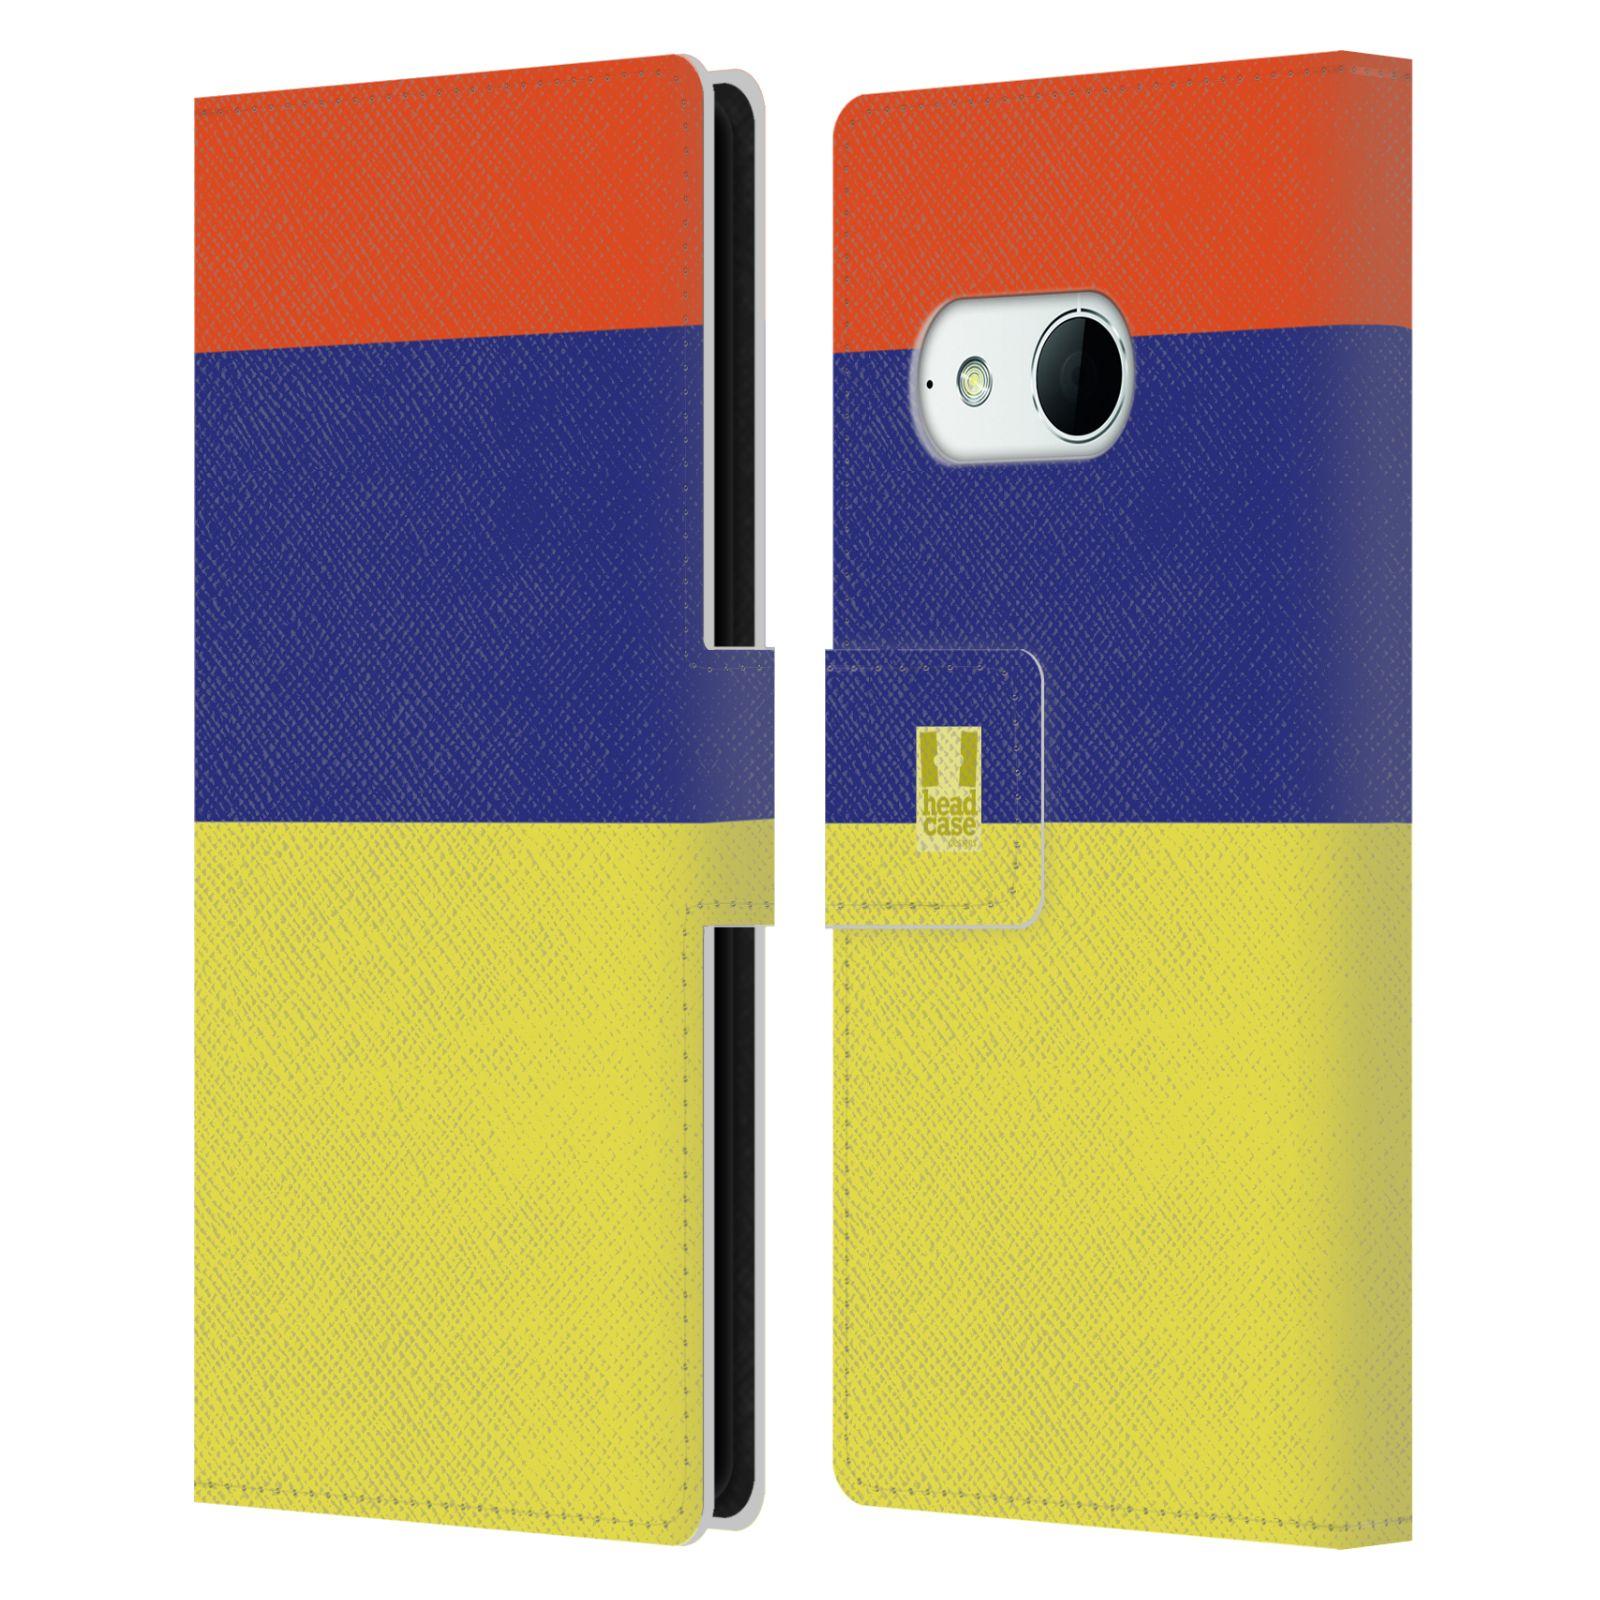 HEAD CASE Flipové pouzdro pro mobil HTC ONE MINI 2 barevné tvary žlutá, modrá, červená